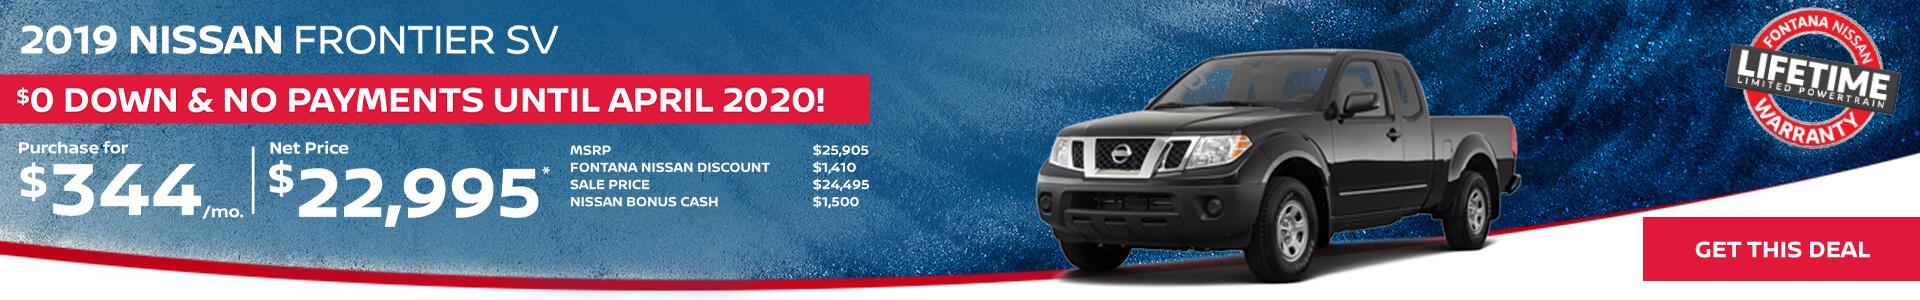 Nissan Frontier $344